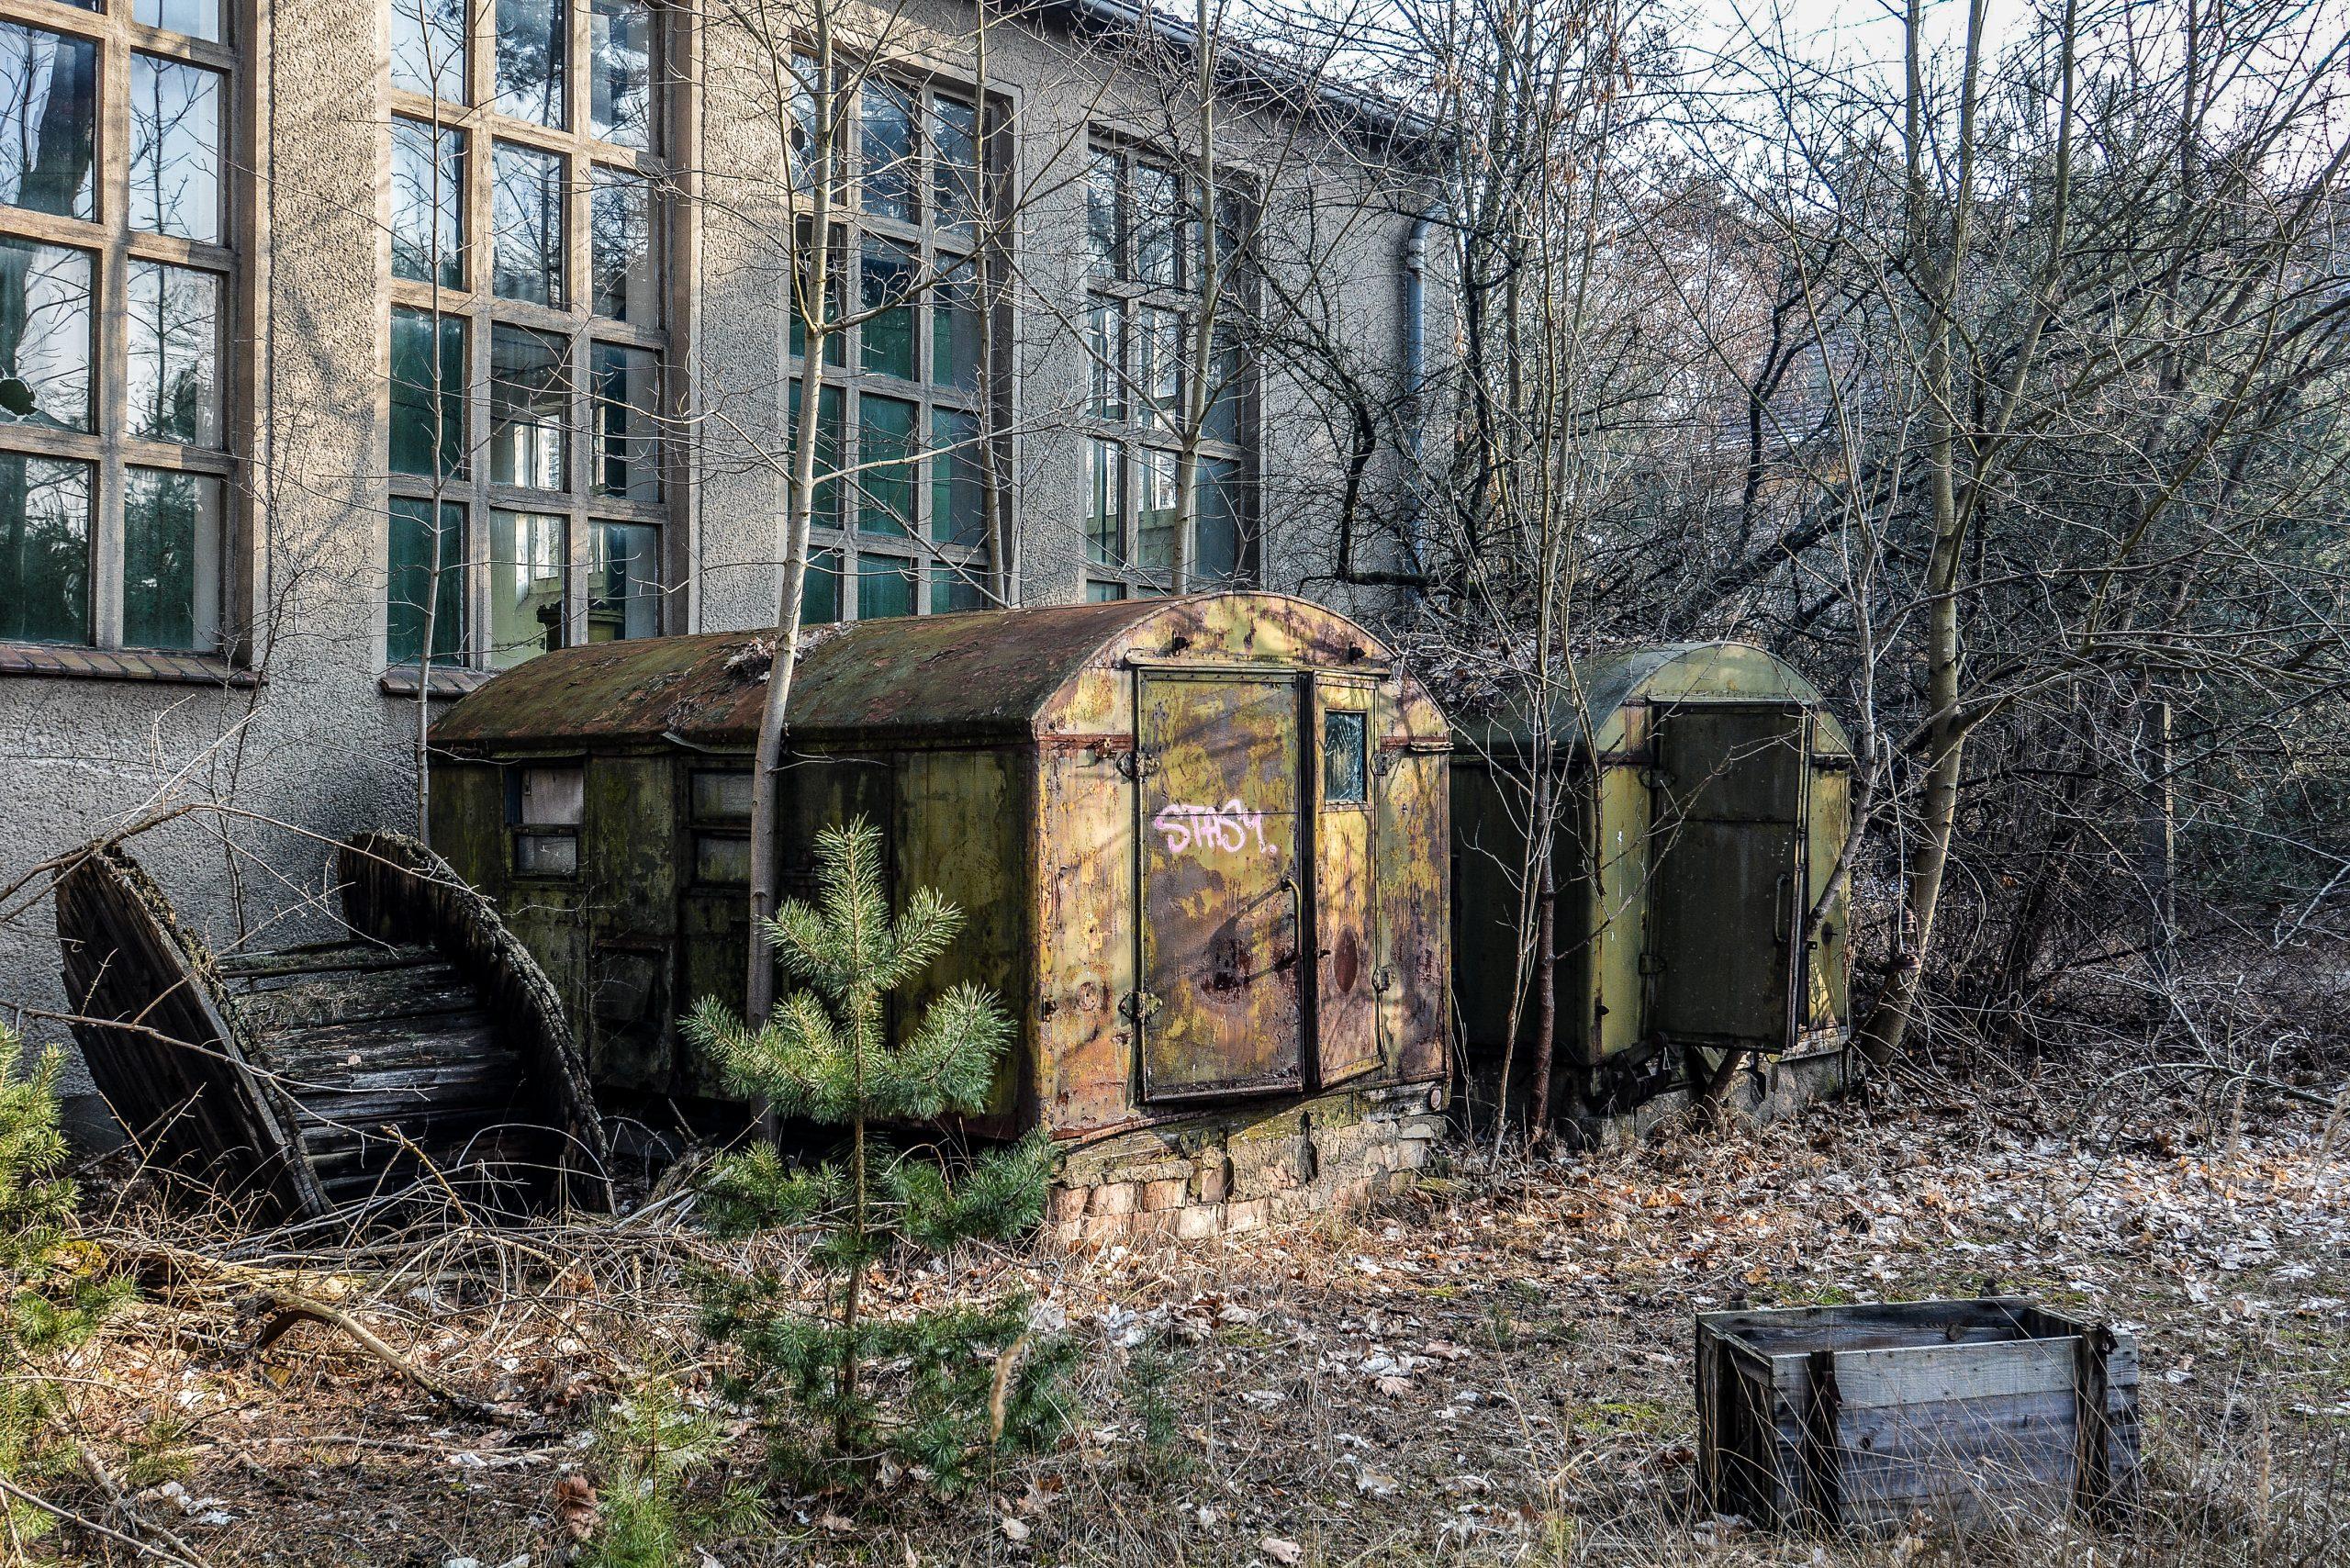 soviet supply caravans buildings forst zinna adolf hitler lager luckenwalde juterbog sowjet kaserne soviet military barracks germany lost places urbex abandoned